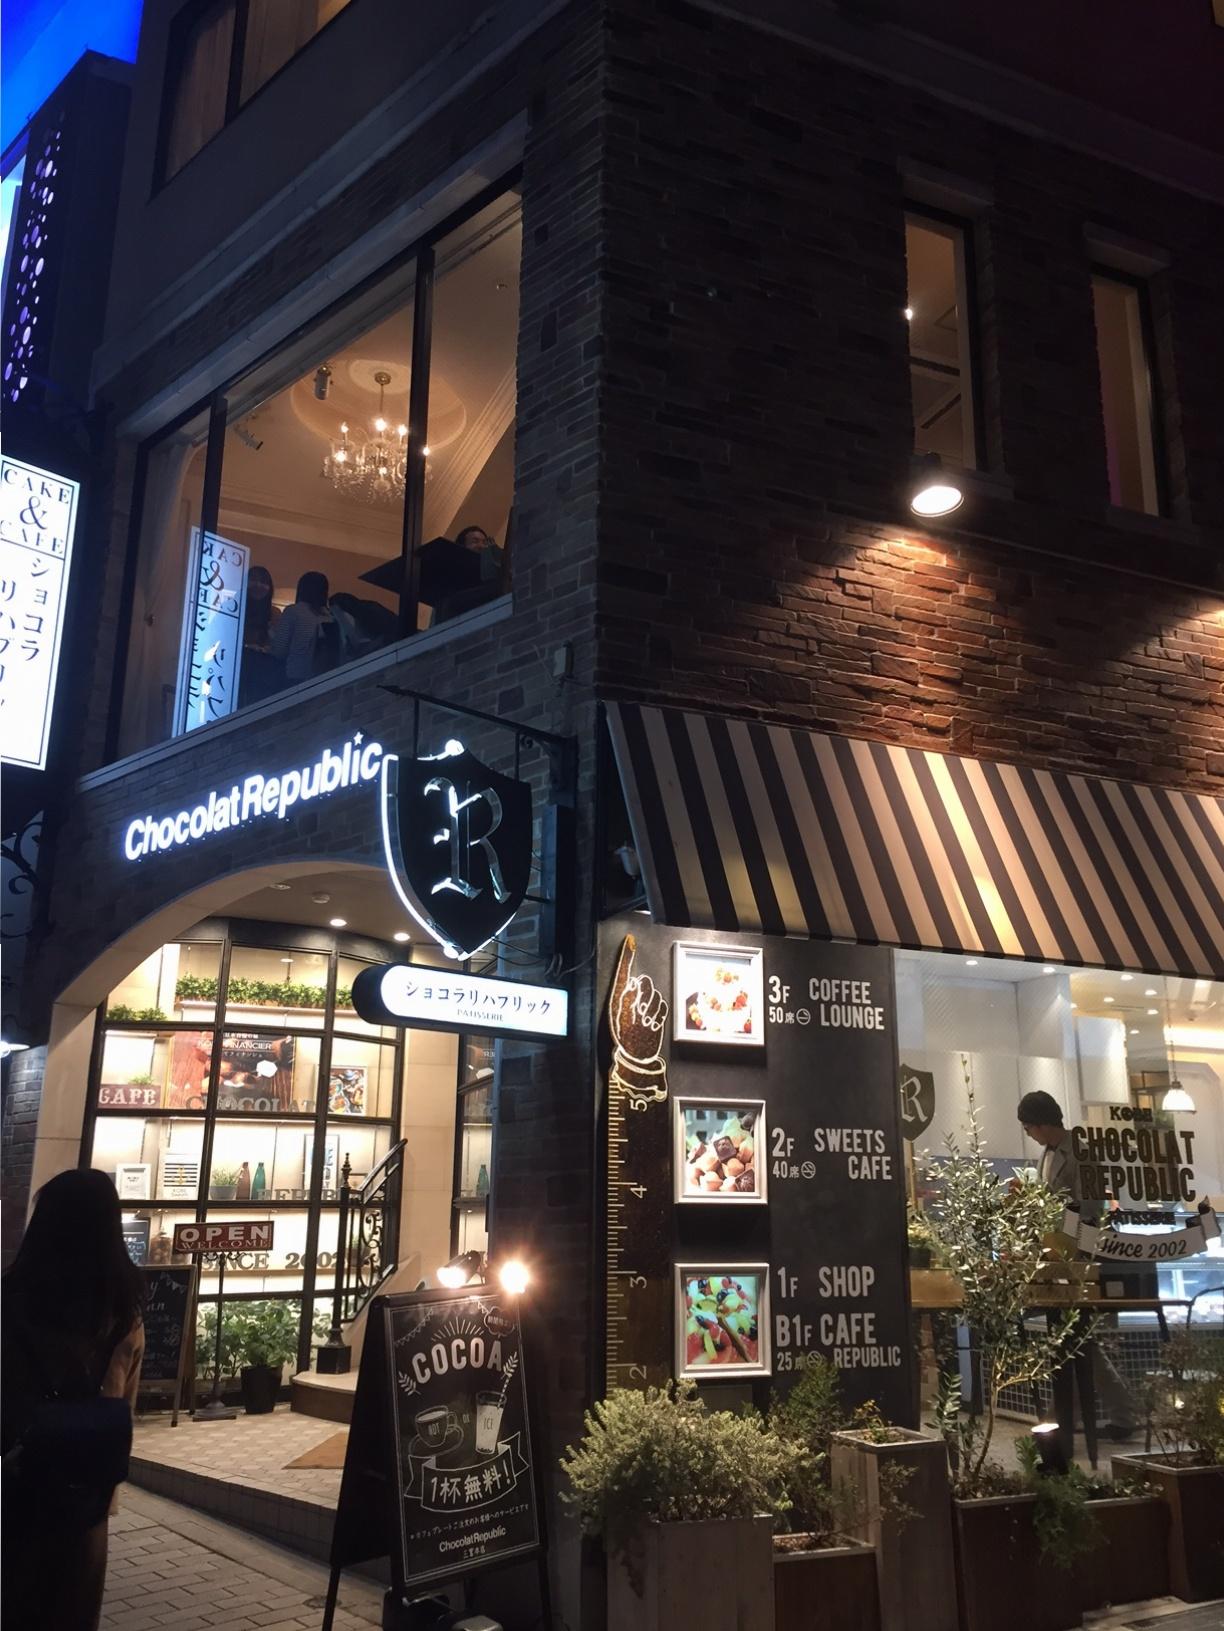 神戸ならではの洋菓子文化を感じられるカフェ♡ChocolatRepublic_1